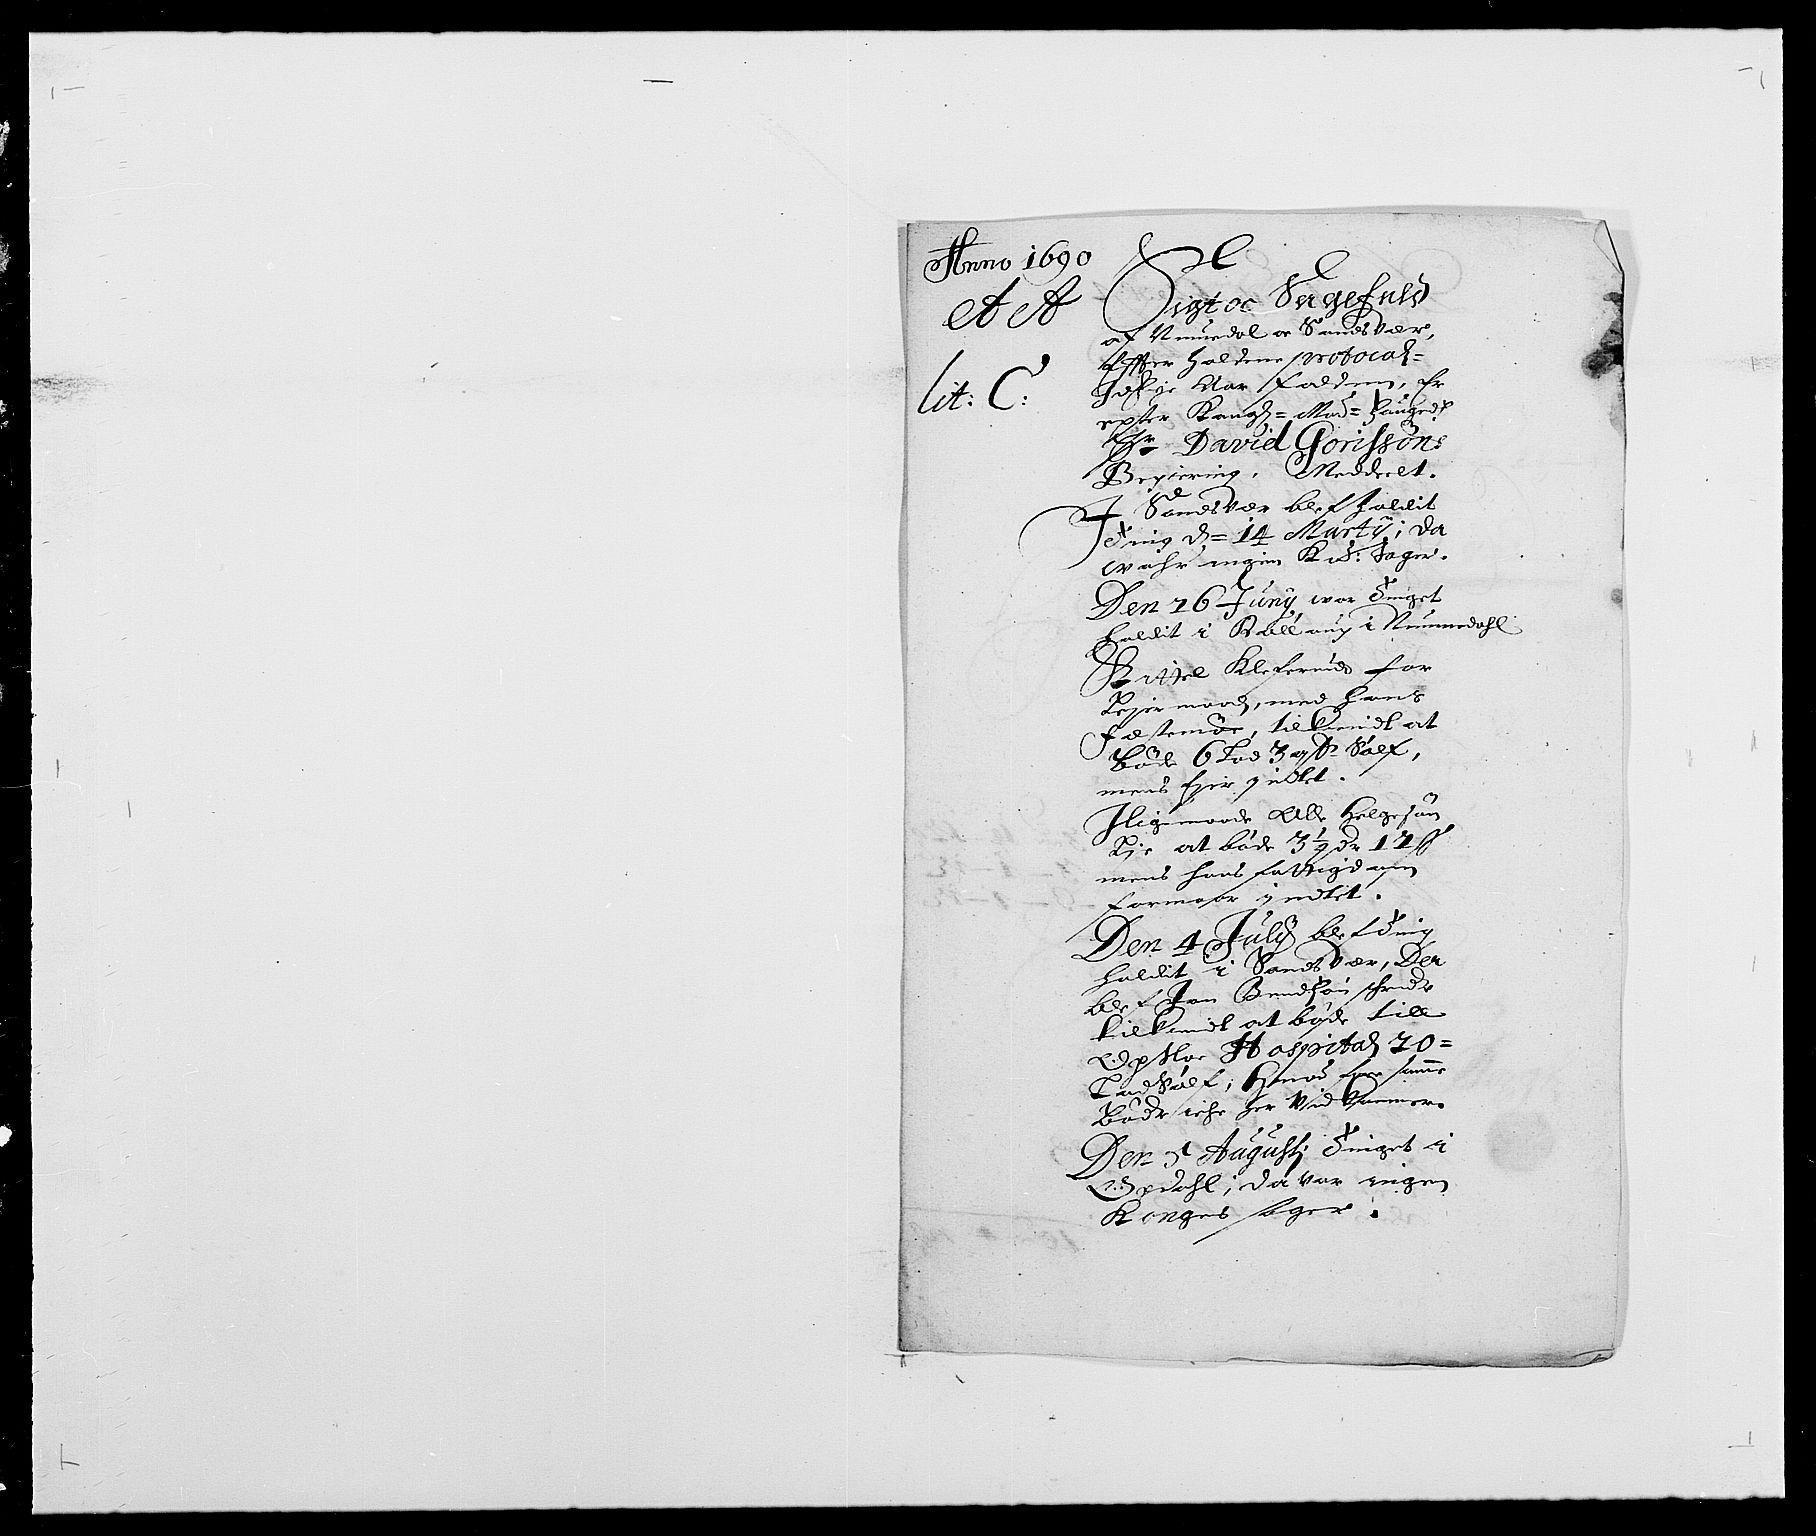 RA, Rentekammeret inntil 1814, Reviderte regnskaper, Fogderegnskap, R24/L1573: Fogderegnskap Numedal og Sandsvær, 1687-1691, s. 423